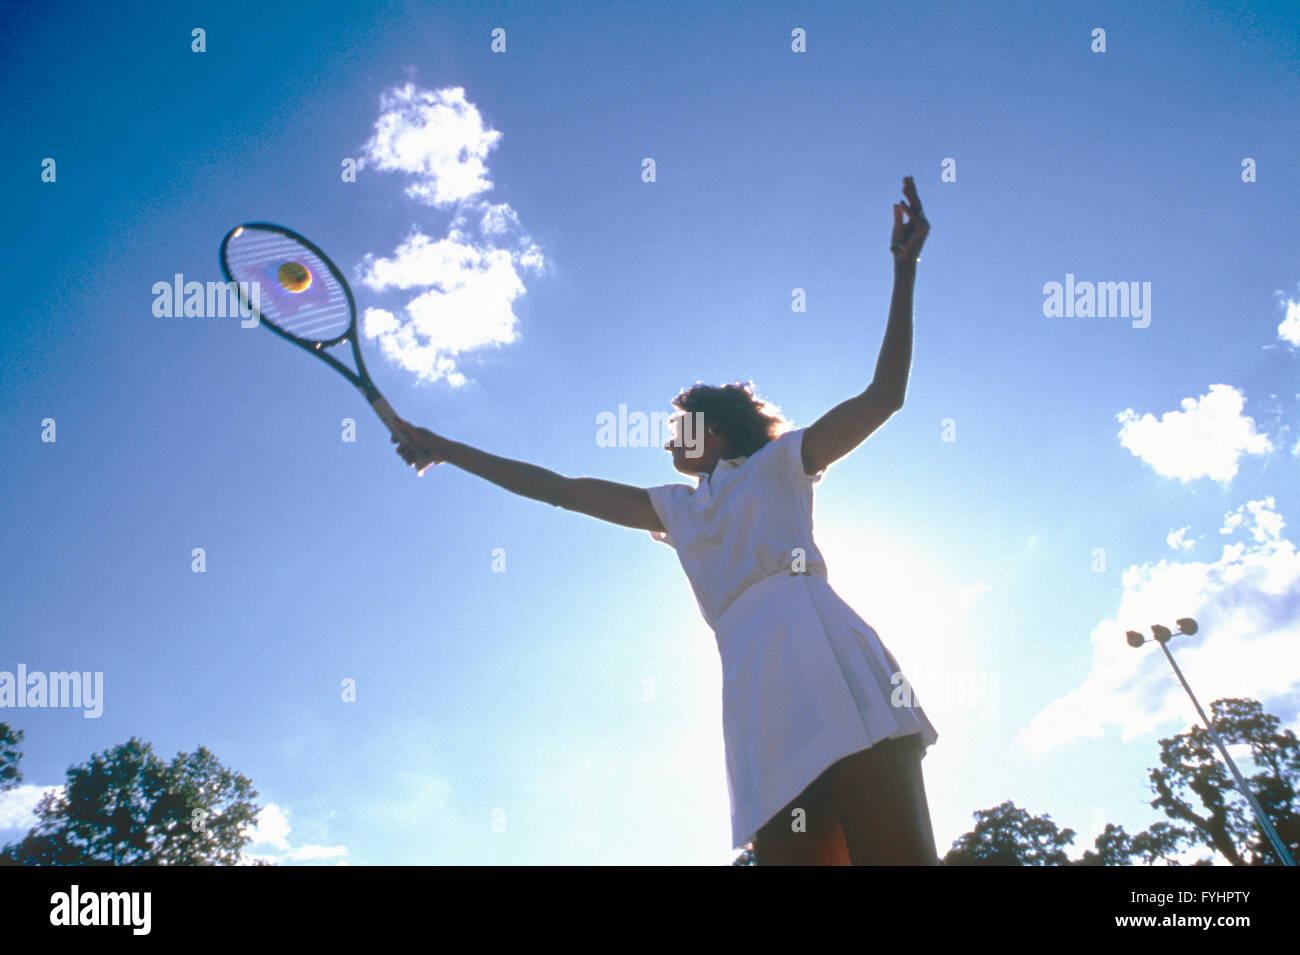 Tennis player frapper la balle avec une raquette Photo Stock